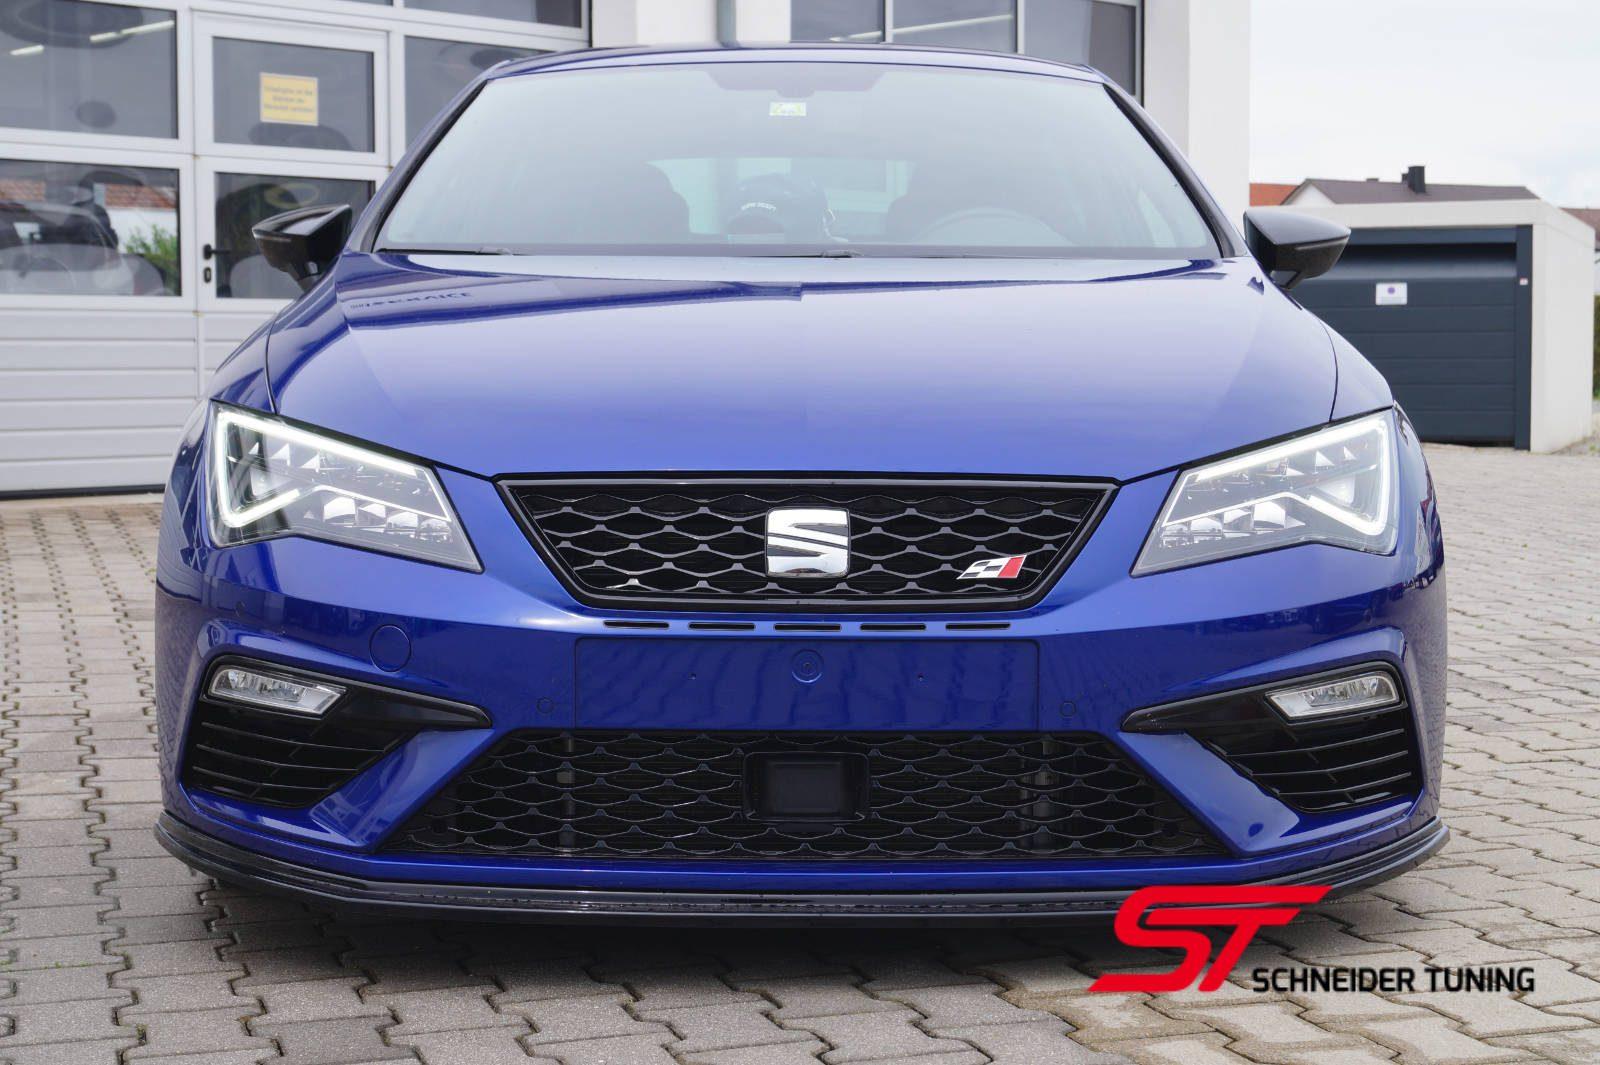 Leon-Cupra-blau-front